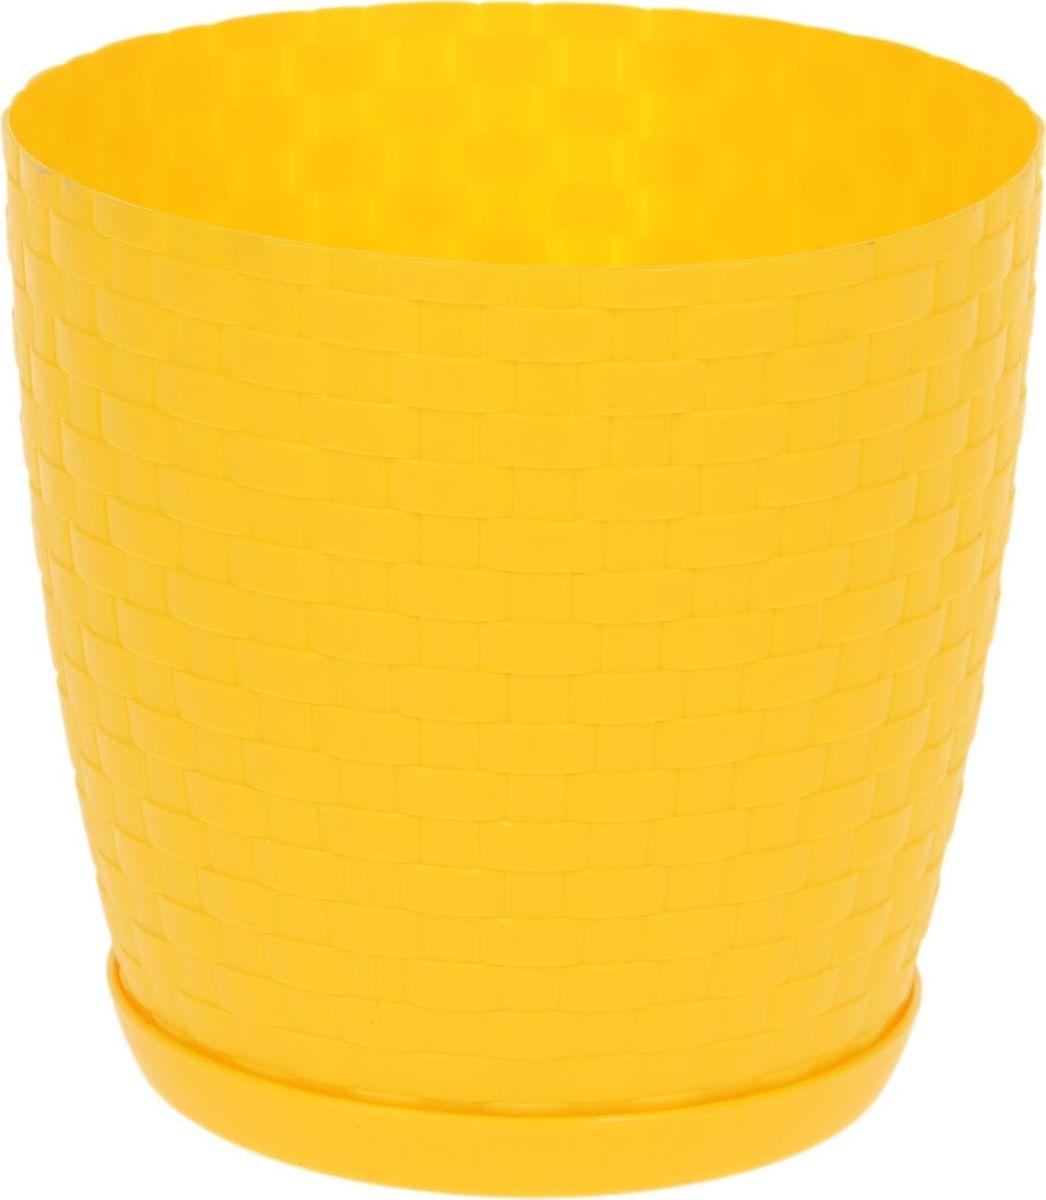 Горшок для цветов Петропласт Ротанг, с поддоном, цвет: желтый, 2 л1343730Любой, даже самый современный и продуманный интерьер будет не завершенным без растений. Они не только очищают воздух и насыщают его кислородом, но и заметно украшают окружающее пространство. Такому полезному члену семьи просто необходимо красивое и функциональное кашпо, оригинальный горшок или необычная ваза! Мы предлагаем - Горшок для цветов 2 л с поддоном Ротанг, цвет желтый! Оптимальный выбор материала - это пластмасса! Почему мы так считаем? Малый вес. С легкостью переносите горшки и кашпо с места на место, ставьте их на столики или полки, подвешивайте под потолок, не беспокоясь о нагрузке. Простота ухода. Пластиковые изделия не нуждаются в специальных условиях хранения. Их легко чистить достаточно просто сполоснуть теплой водой. Никаких царапин. Пластиковые кашпо не царапают и не загрязняют поверхности, на которых стоят. Пластик дольше хранит влагу, а значит растение реже нуждается в поливе. Пластмасса не пропускает воздух корневой системе растения не грозят резкие перепады температур. Огромный выбор форм, декора и расцветок вы без труда подберете что-то, что идеально впишется в уже существующий интерьер. Соблюдая нехитрые правила ухода, вы можете заметно продлить срок службы горшков, вазонов и кашпо из пластика: всегда учитывайте размер кроны и корневой системы растения (при разрастании большое растение способно повредить маленький горшок) берегите изделие от воздействия прямых солнечных лучей, чтобы кашпо и горшки не выцветали держите кашпо и горшки из пластика подальше от нагревающихся поверхностей. Создавайте прекрасные цветочные композиции, выращивайте рассаду или необычные растения, а низкие цены позволят вам не ограничивать себя в выборе.